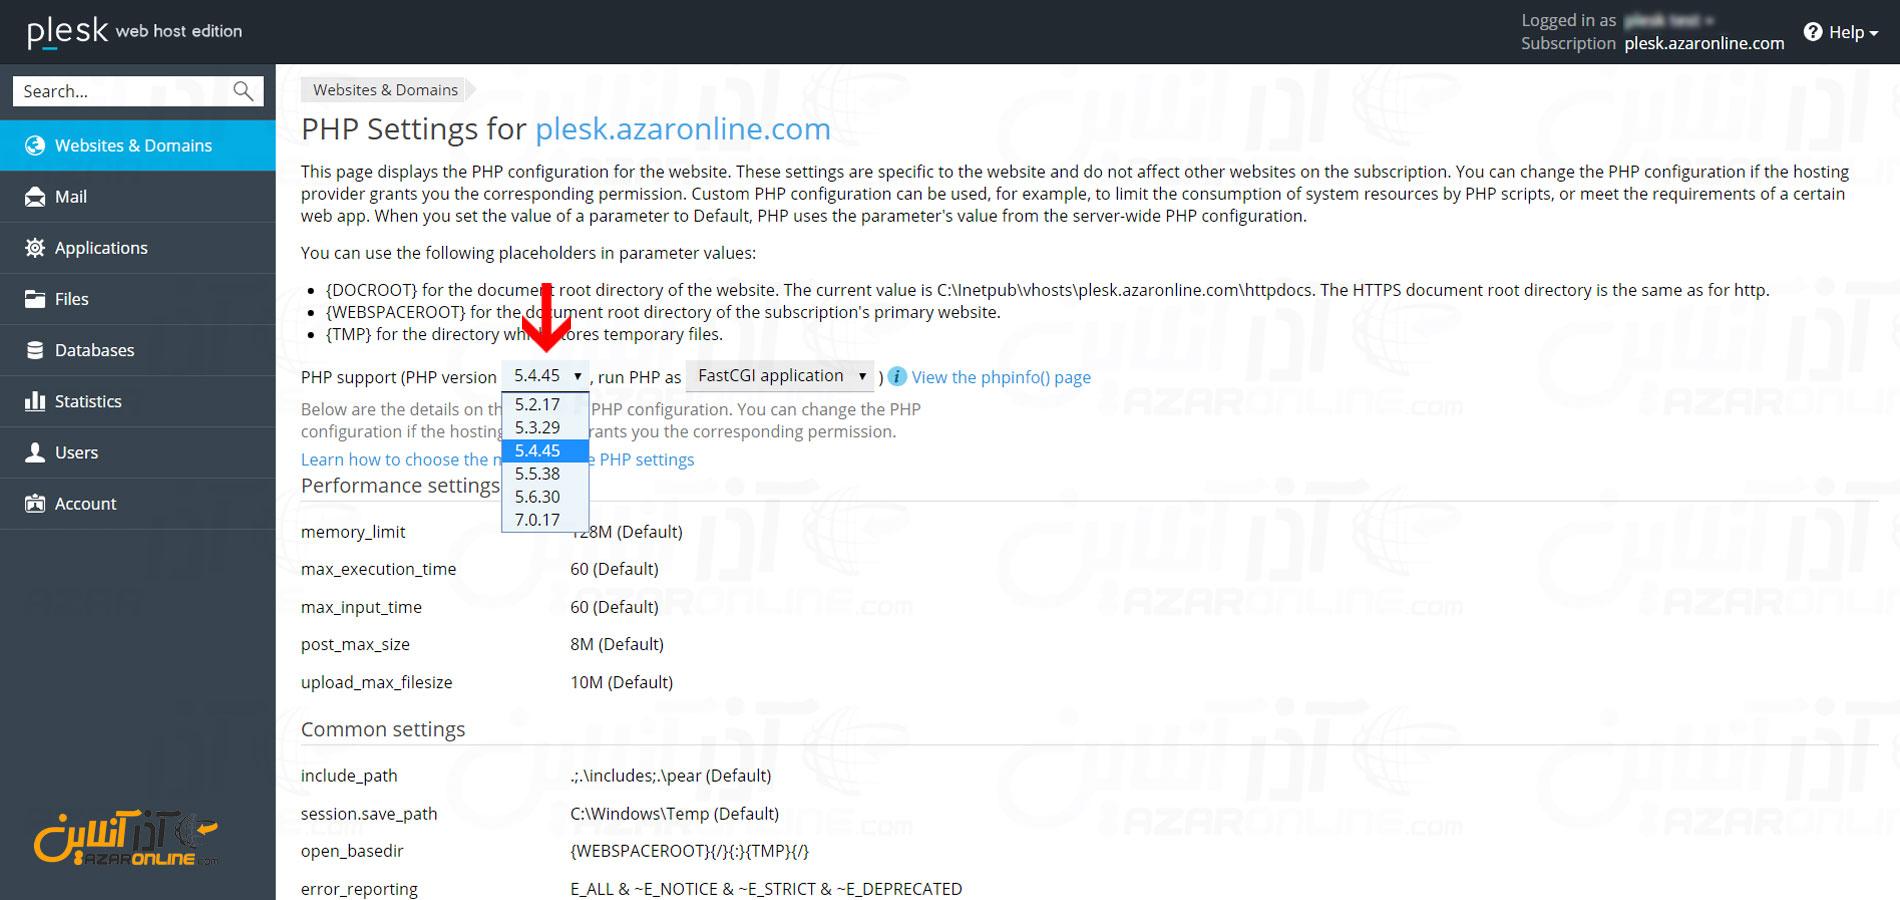 نسخه های php قابل پشتیبانی در پنل پلسک آذرآنلاین